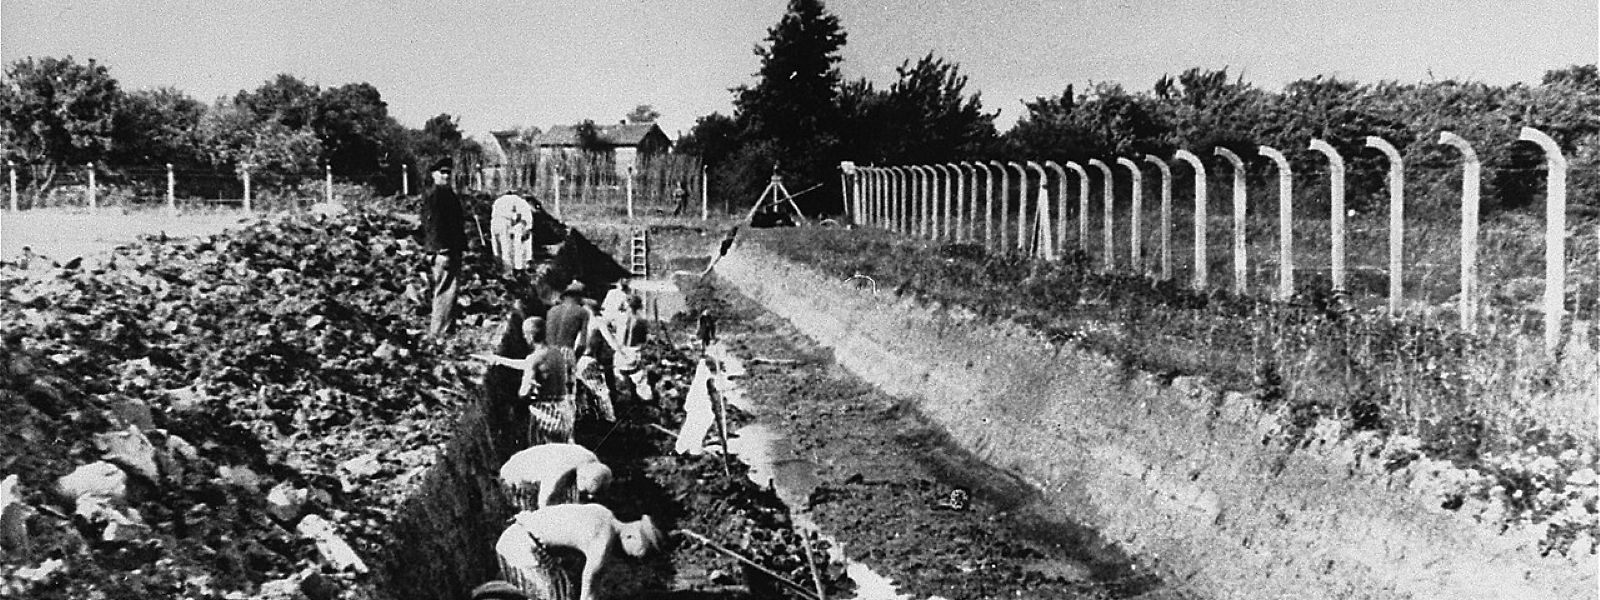 Zwangsarbeit am KZ-Neuengamme bei Hamburg, aufgenommen zwischen 1941 und 1942.